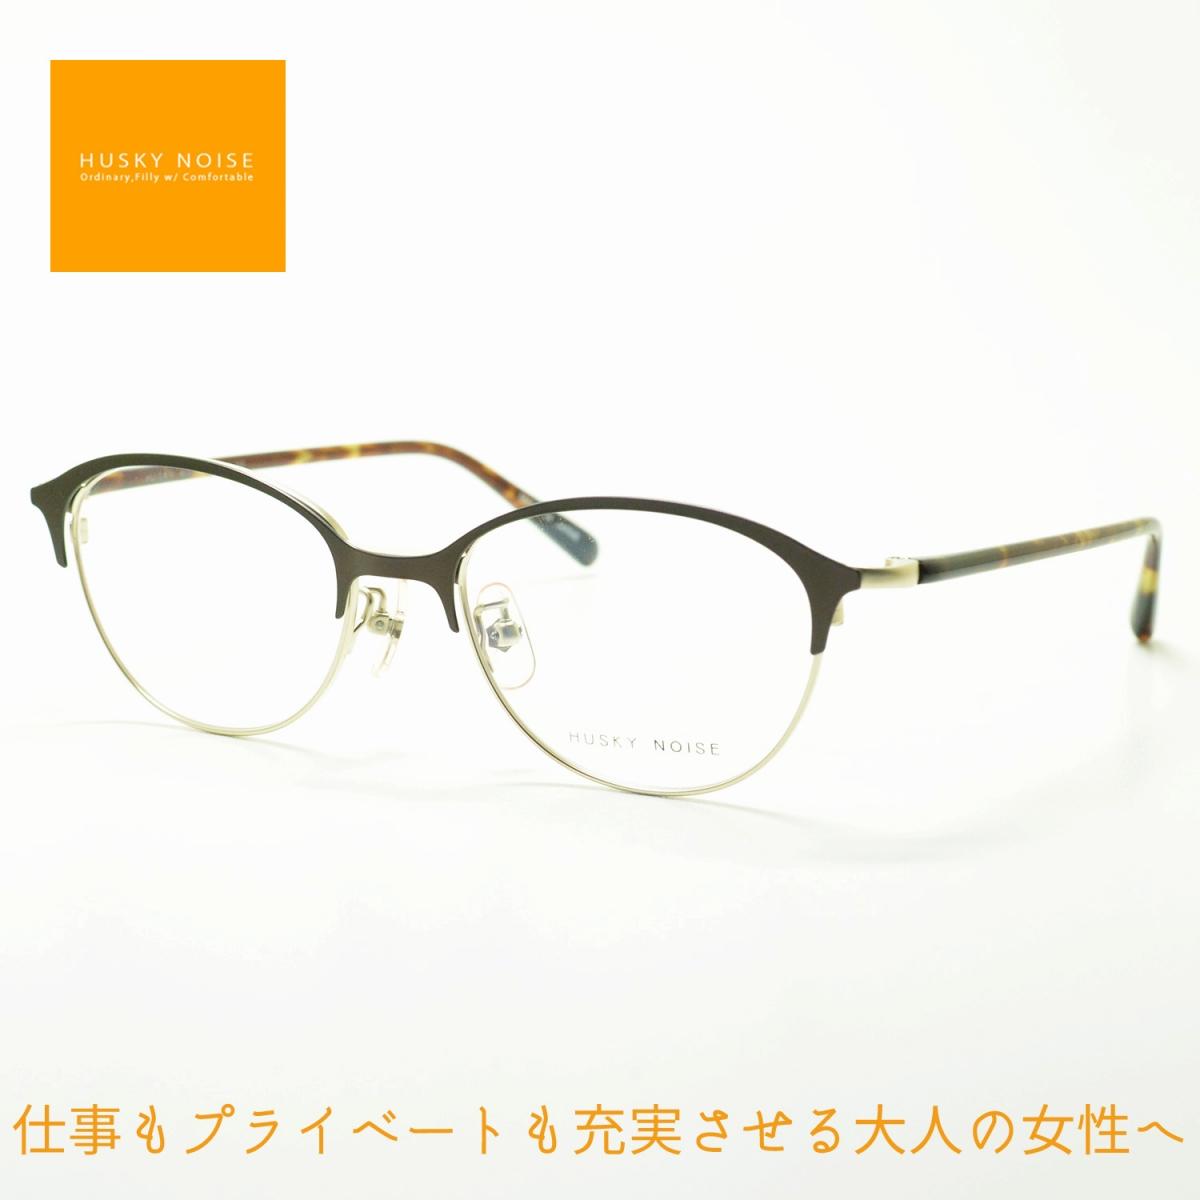 HUSKY NOISE ハスキーノイズ H-163 col-6メガネ 眼鏡 めがね レディース おしゃれ ブランド 人気 おすすめ フレーム 流行り 度付き レンズ